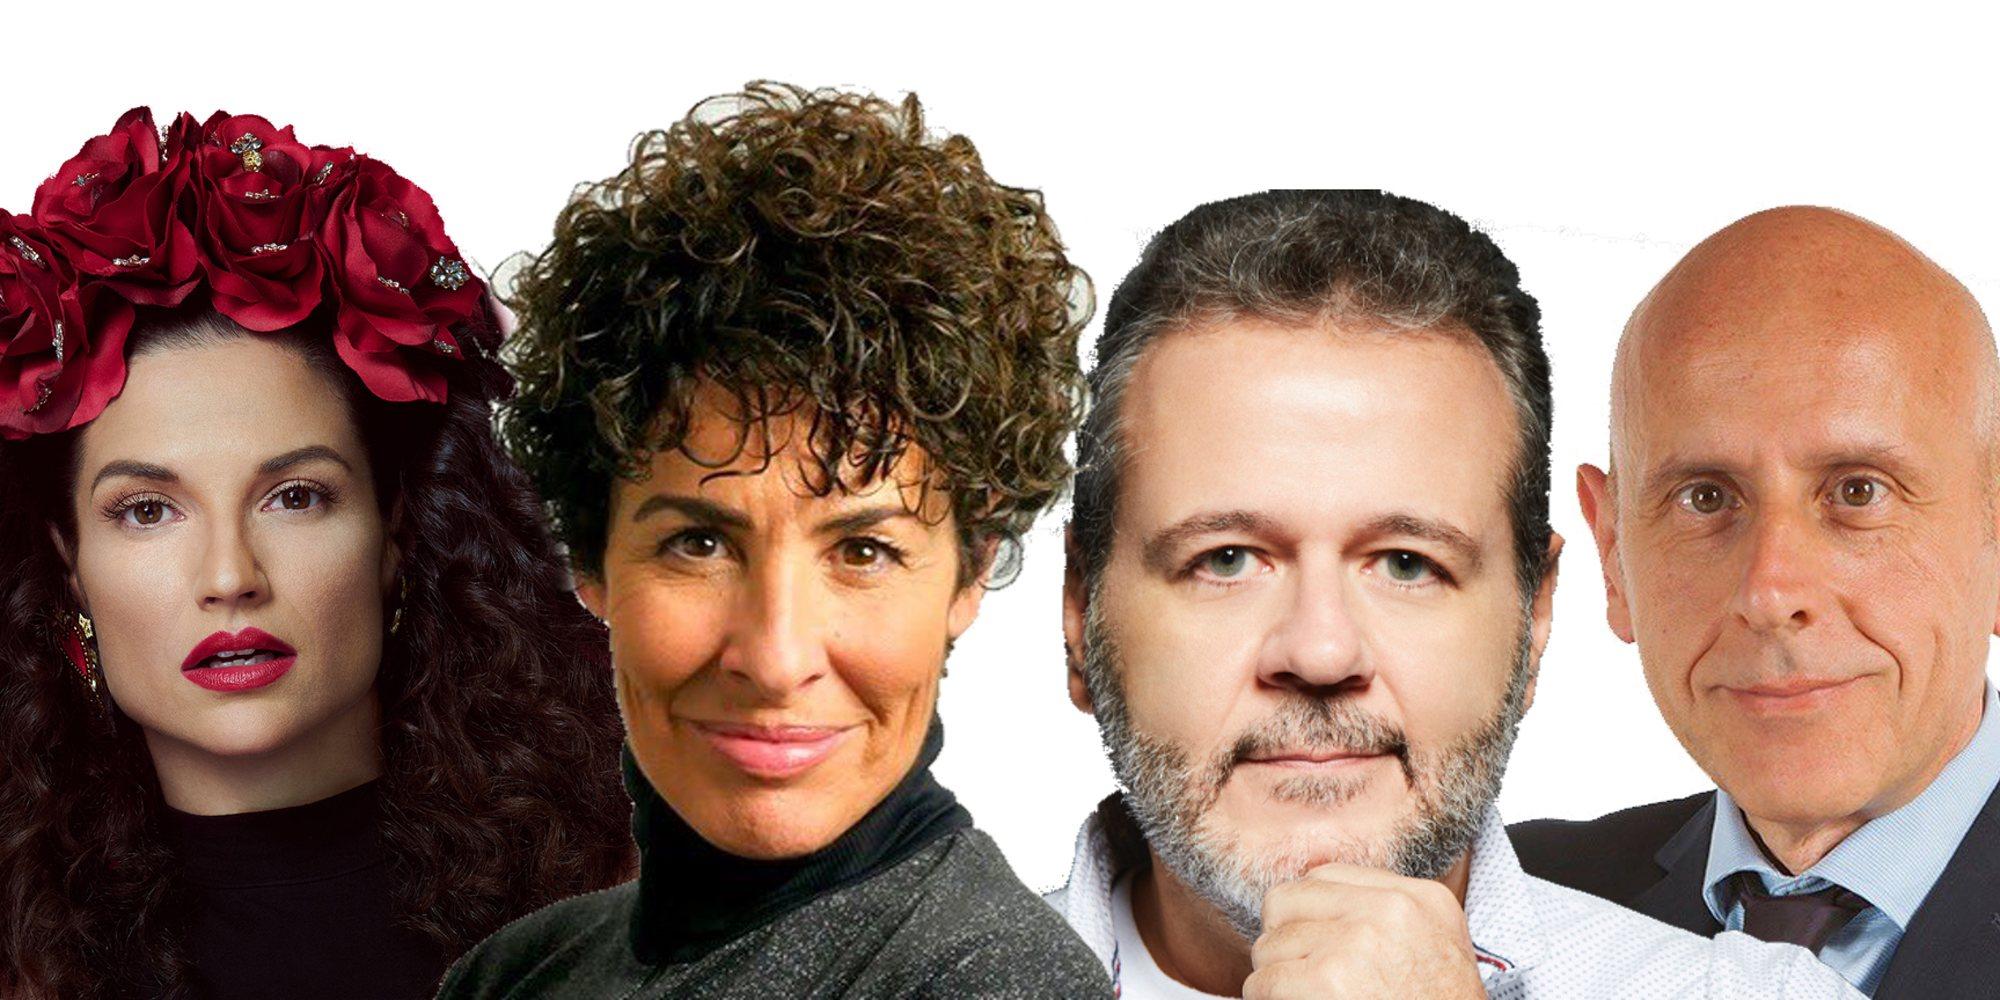 Confirmados los 4 miembros del jurado de 'OT 2020': Nina, Natalia Jiménez, Javier Llano y Portu